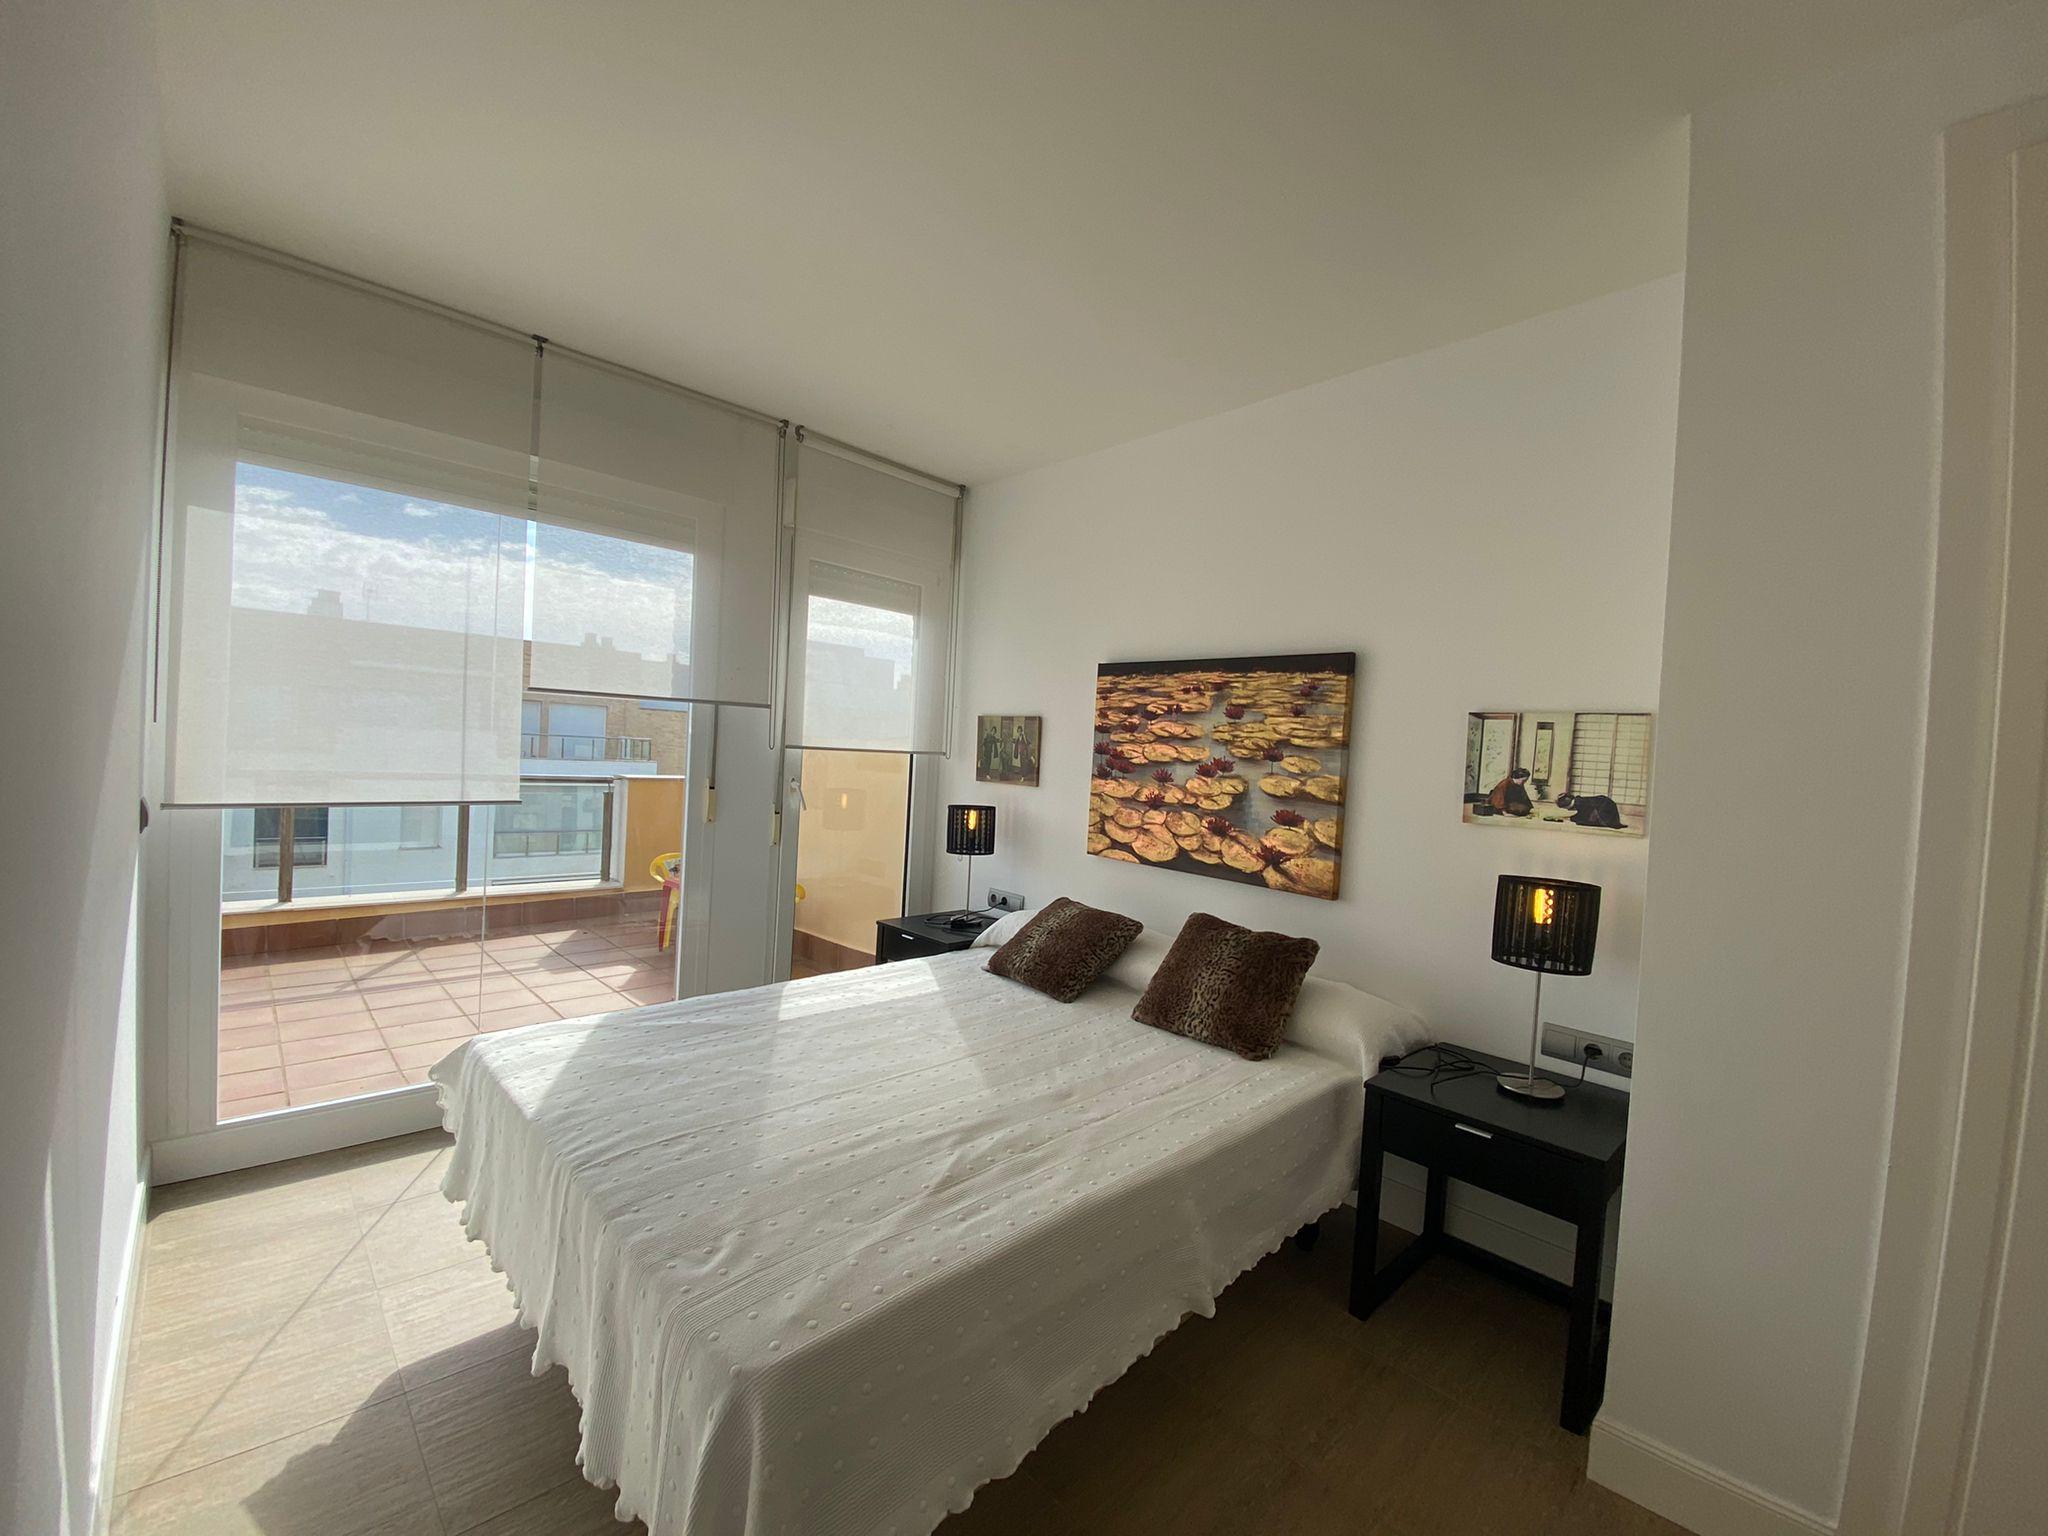 Imagen 25 del Apartamento Turístico, Ático 7 Central (3d+2b), Punta del Moral (HUELVA), Paseo de la Cruz nº22